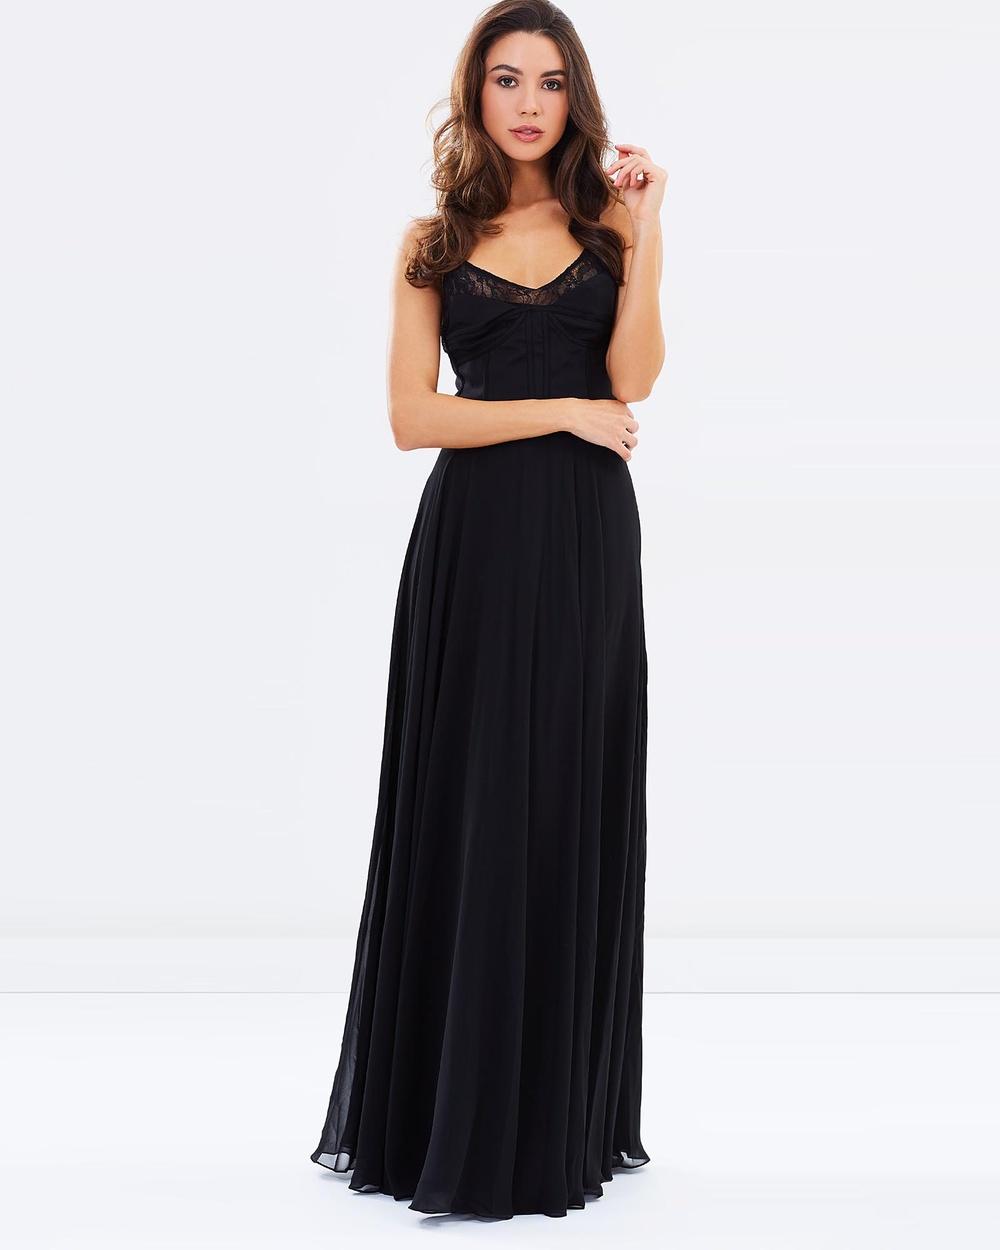 ROXCIIS Misfit Corset Gown Dresses Black Misfit Corset Gown